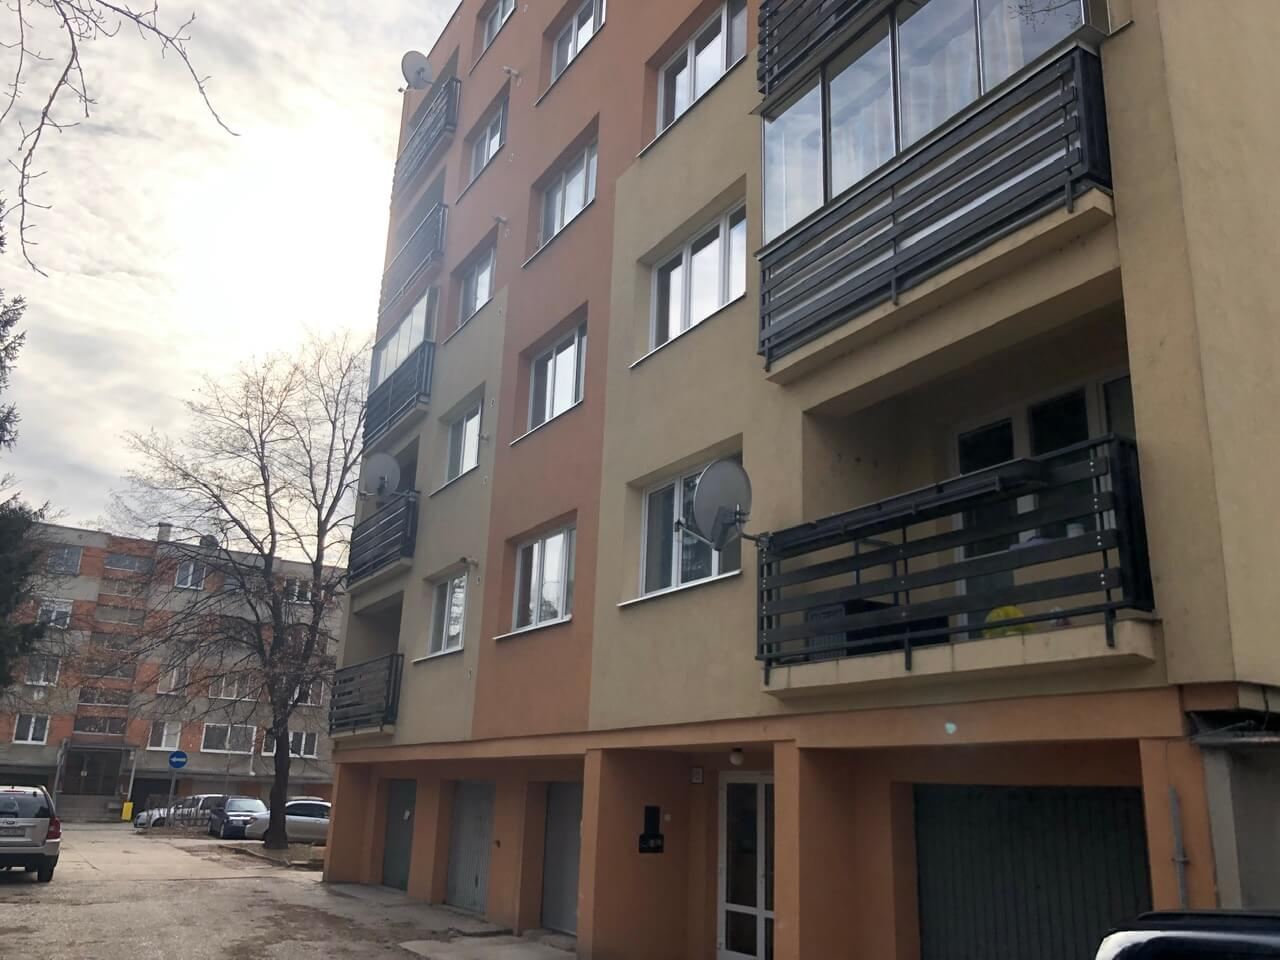 Exkluzívne na predaj 3 izb. byt, 81,7m2, balkón 5 m2, pivnica 6m2, garáž, Dunajská Lužná, ulica Brezová-31